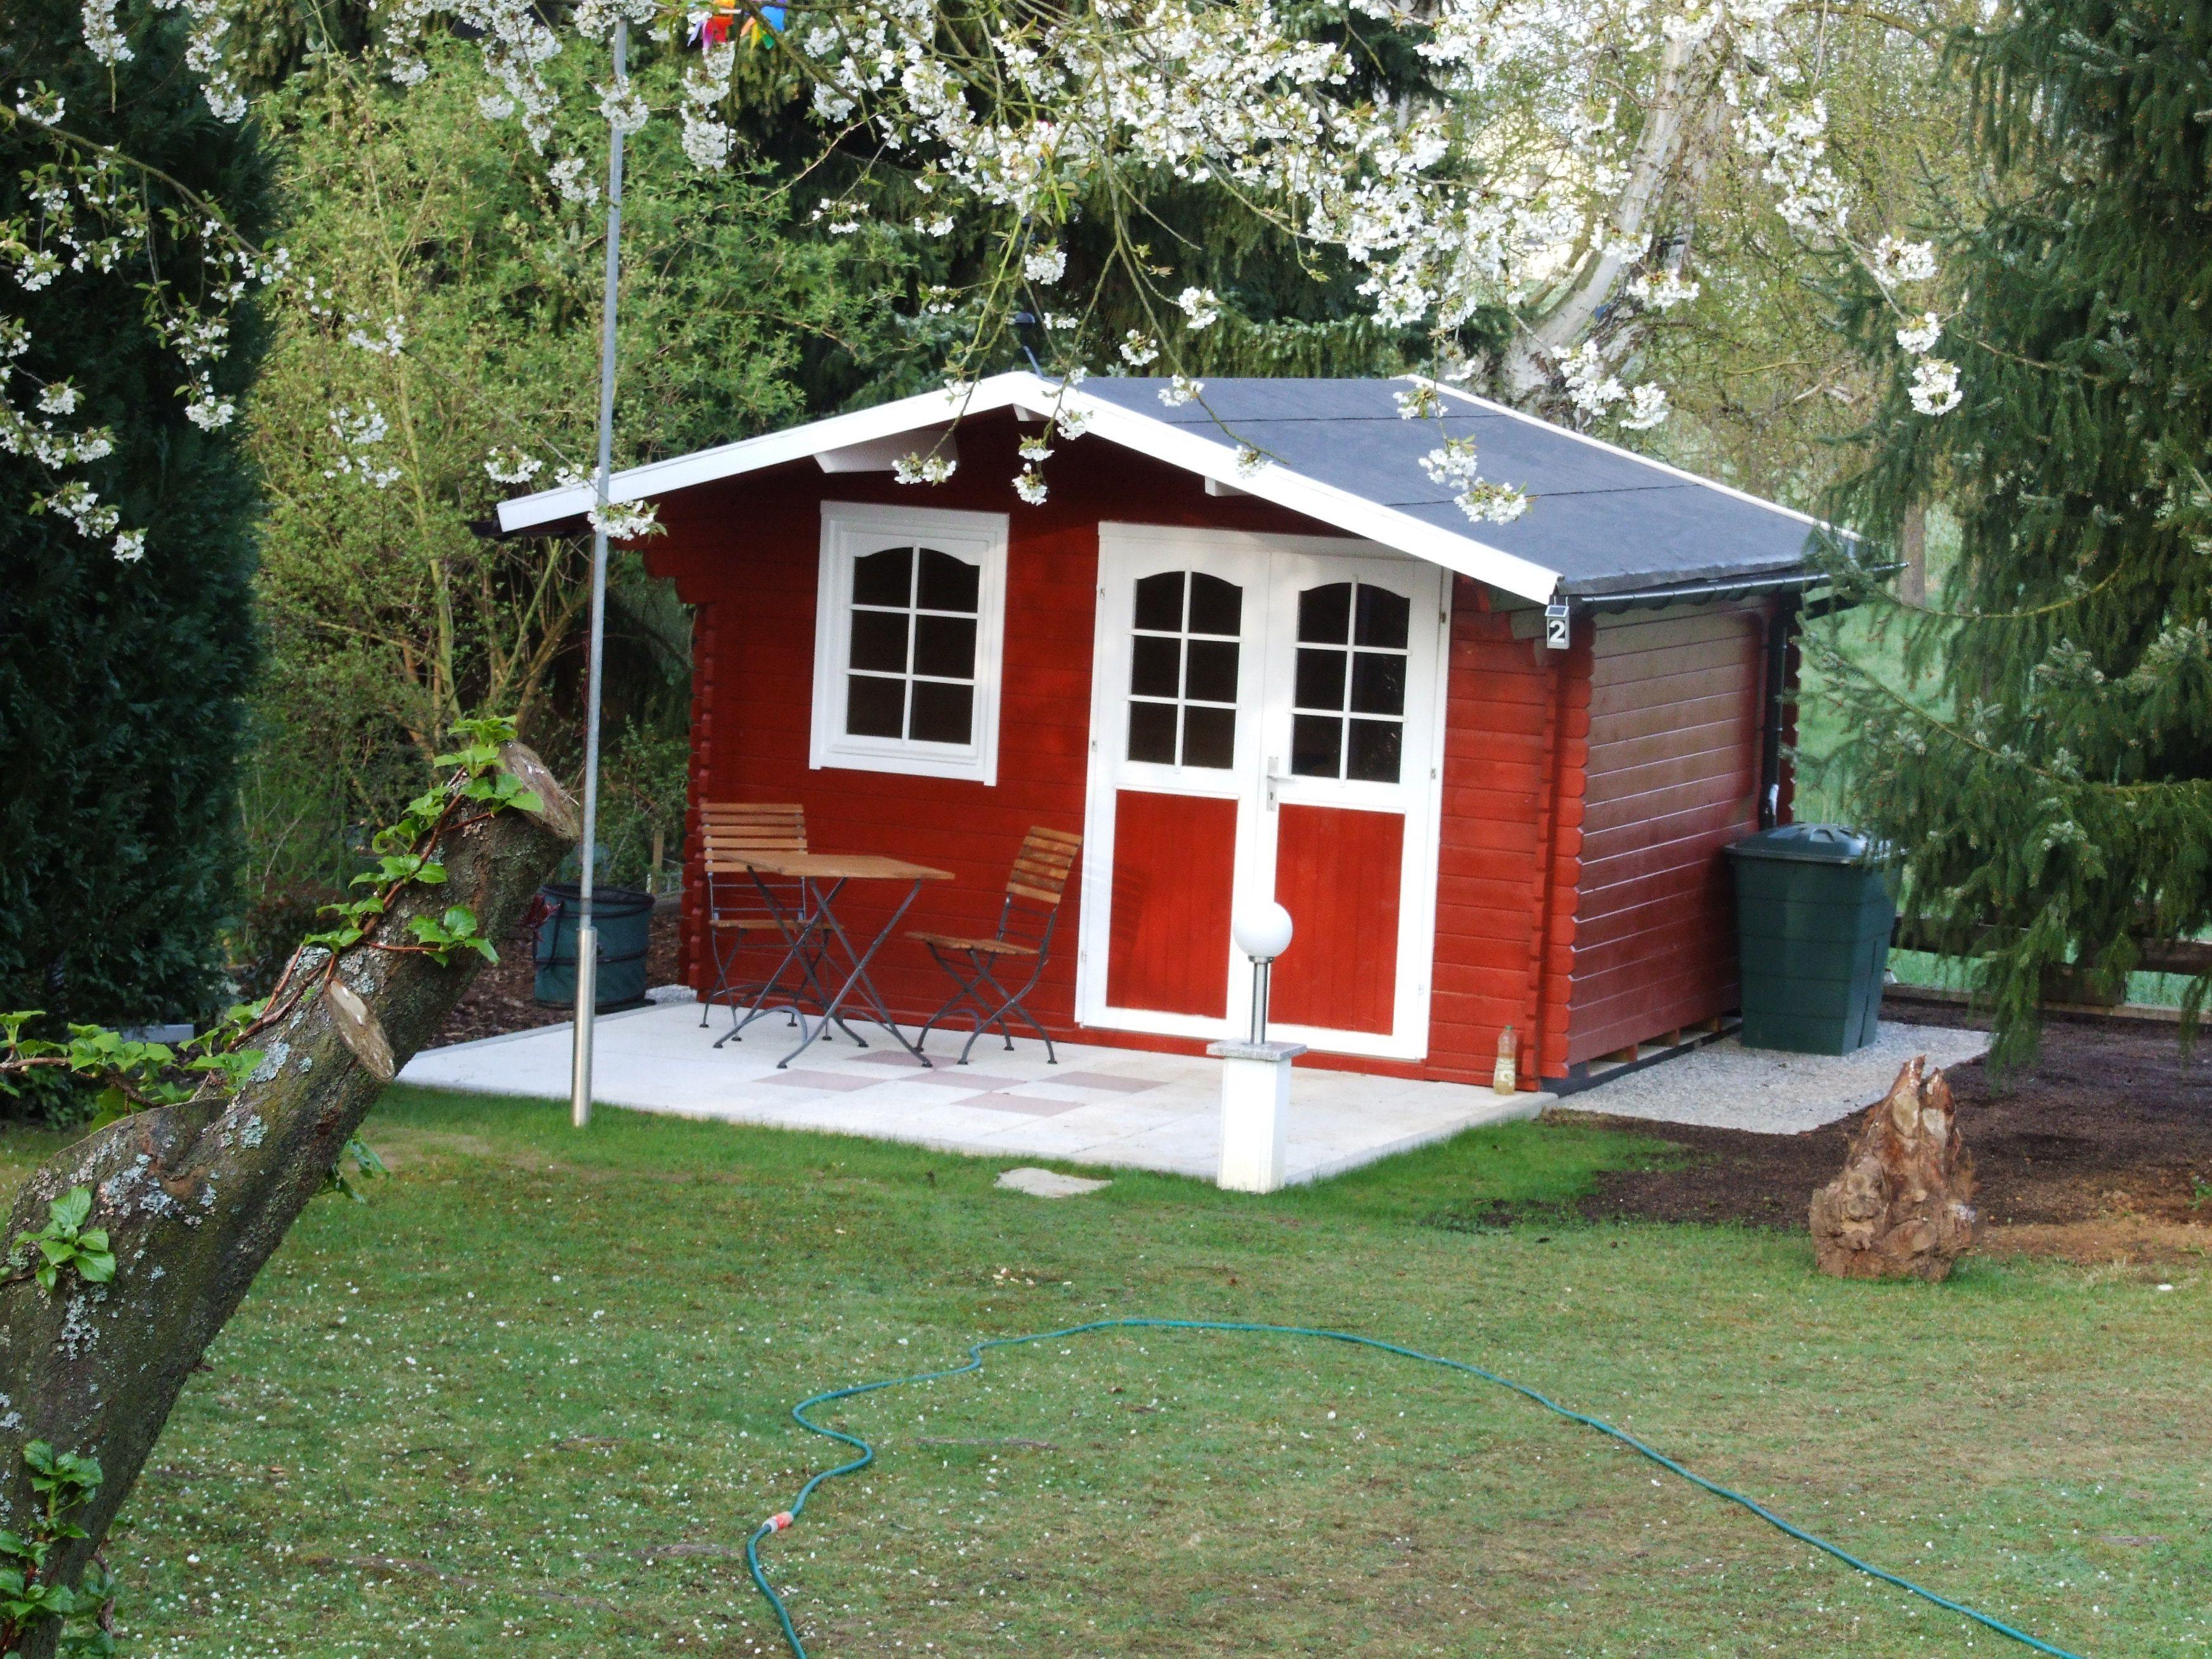 das gem tliche gartenhaus in schwedenrotem anstrich bietet auf seiner terrasse platz f r. Black Bedroom Furniture Sets. Home Design Ideas